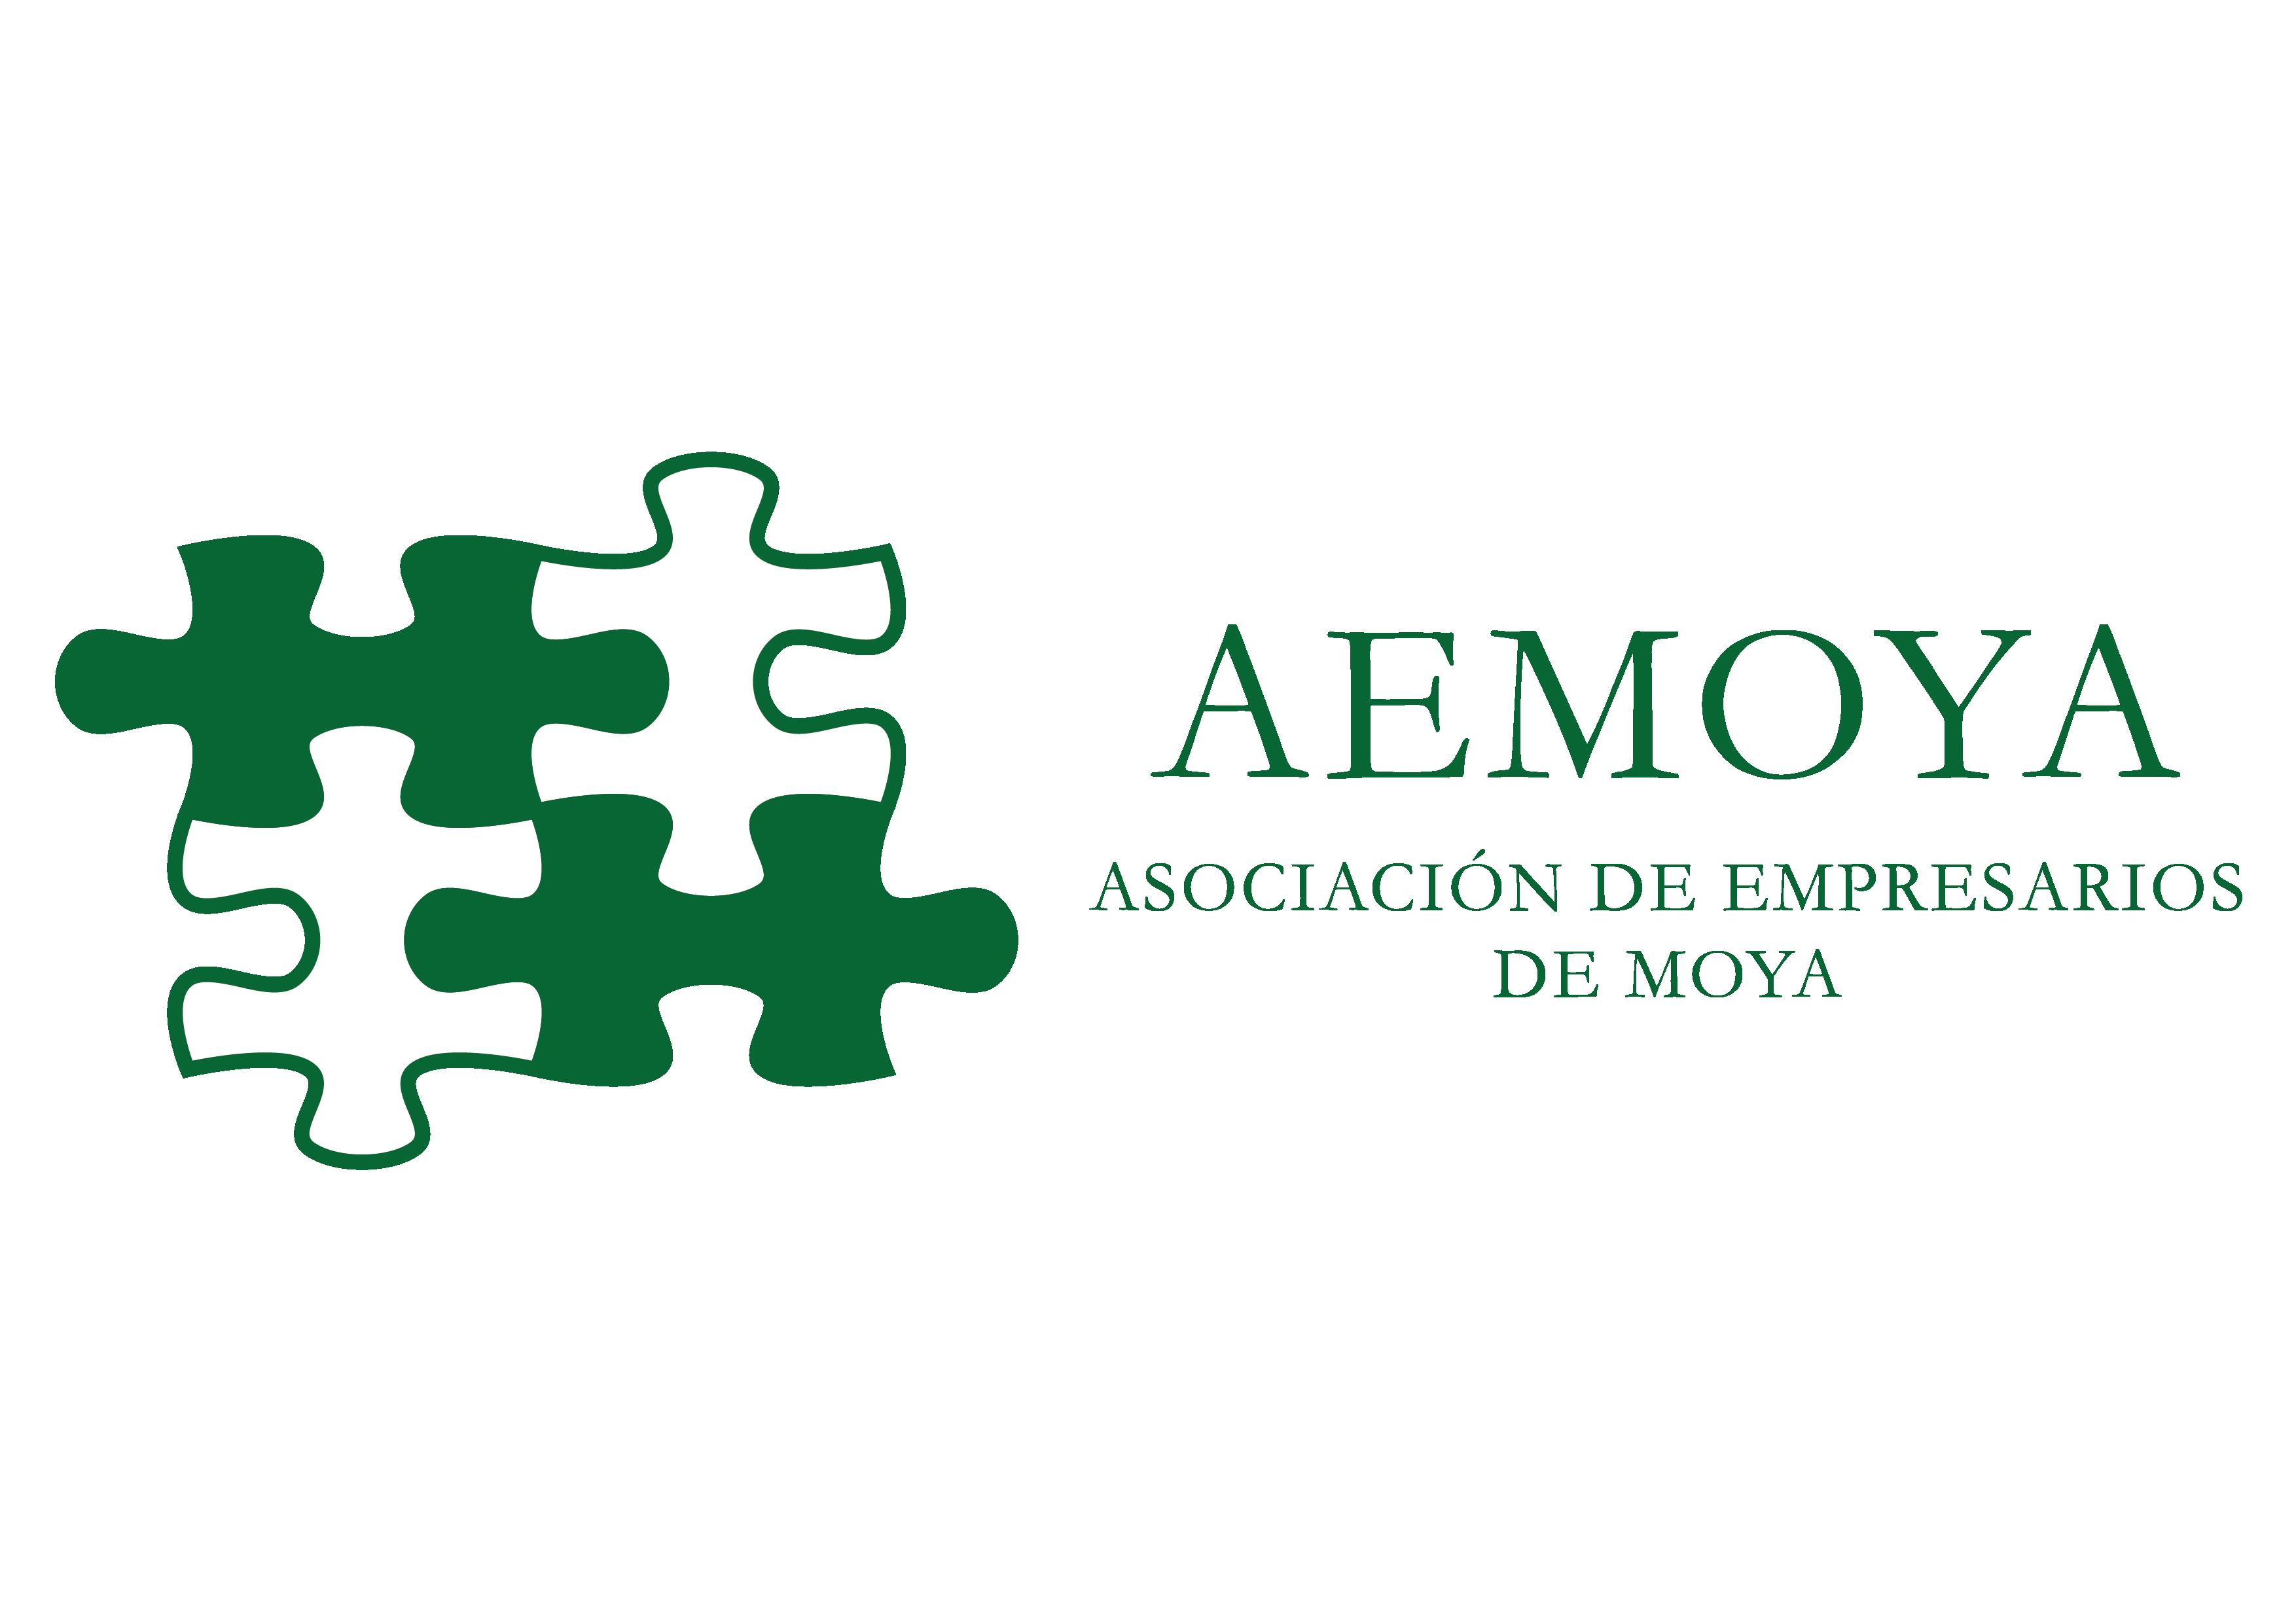 logos-04-1